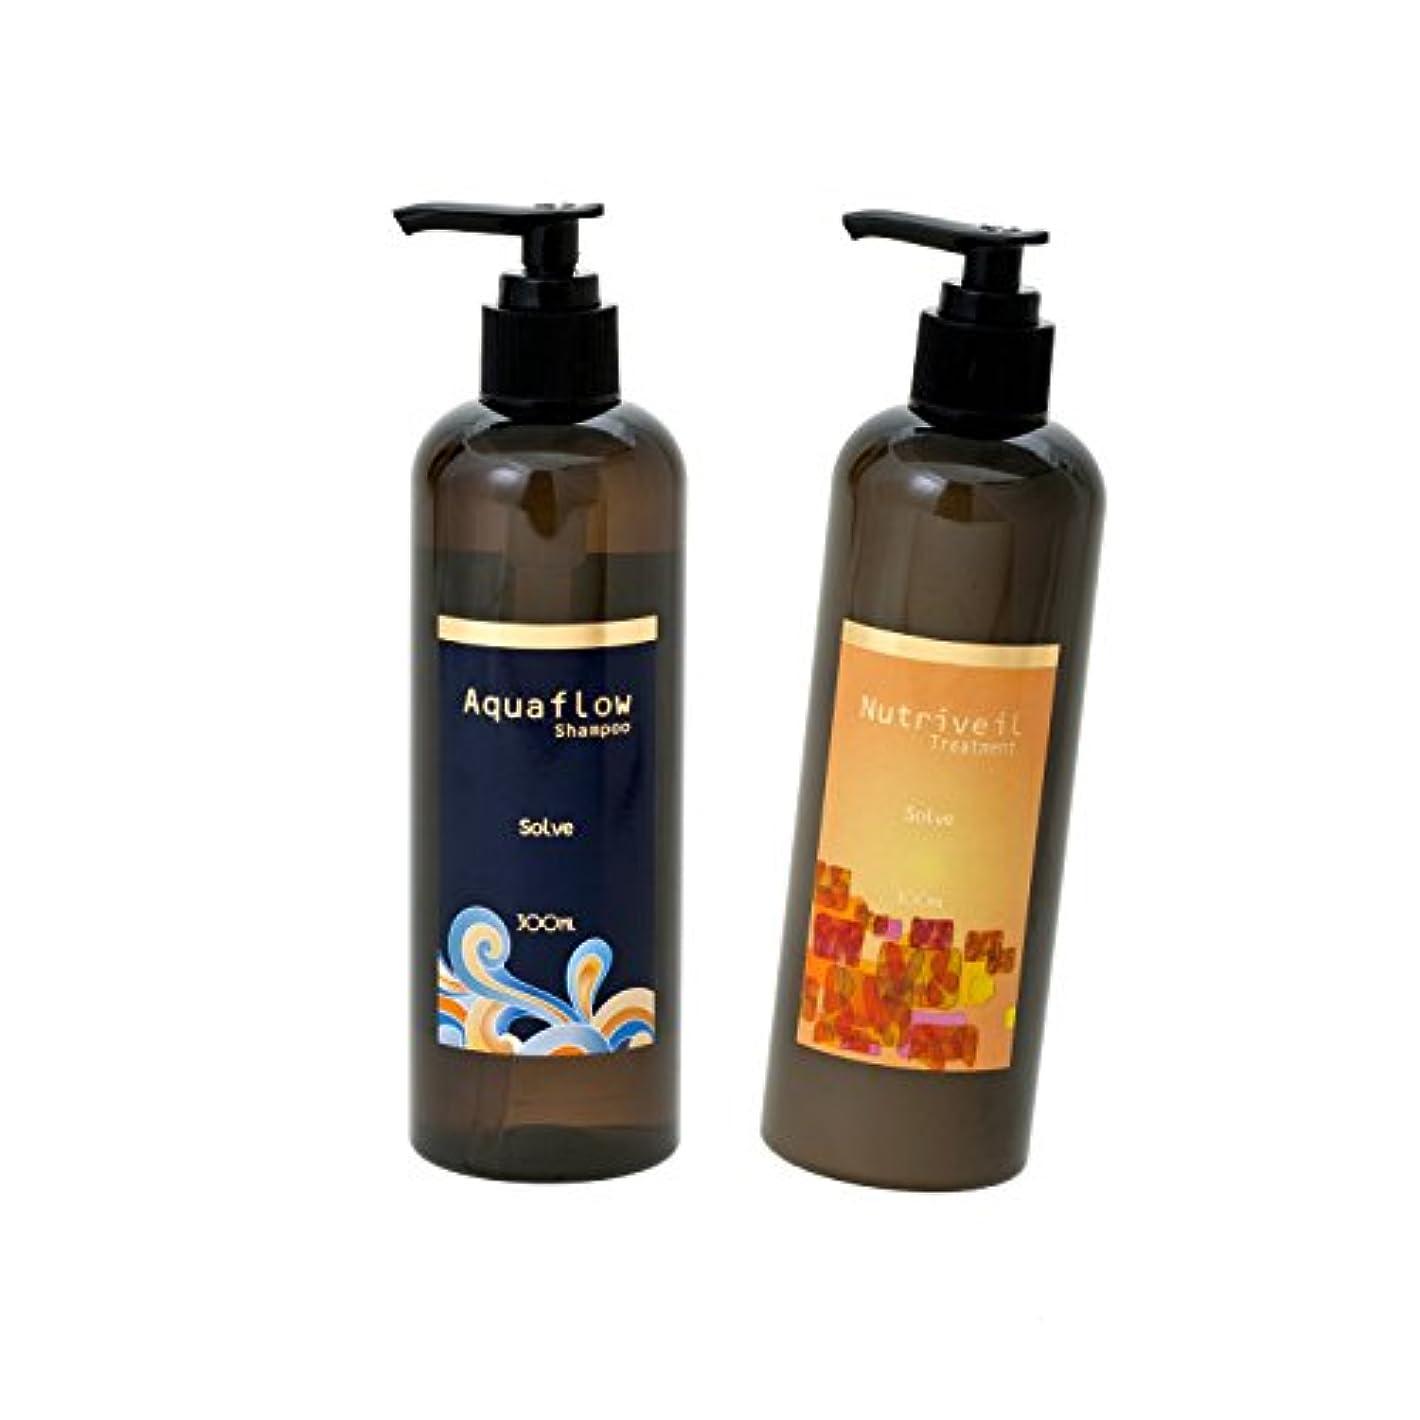 打ち上げるオペラもっともらしい縮毛矯正した髪を栄養そのもので洗うsolve|ソルブシャンプー「Aquaflow_アクアフロー」ソルブトリートメント「Nutriveil_ニュートリヴェール」セット|カラーの繰り返しで大きくダメージした髪のケアにも。 (300ml_set)